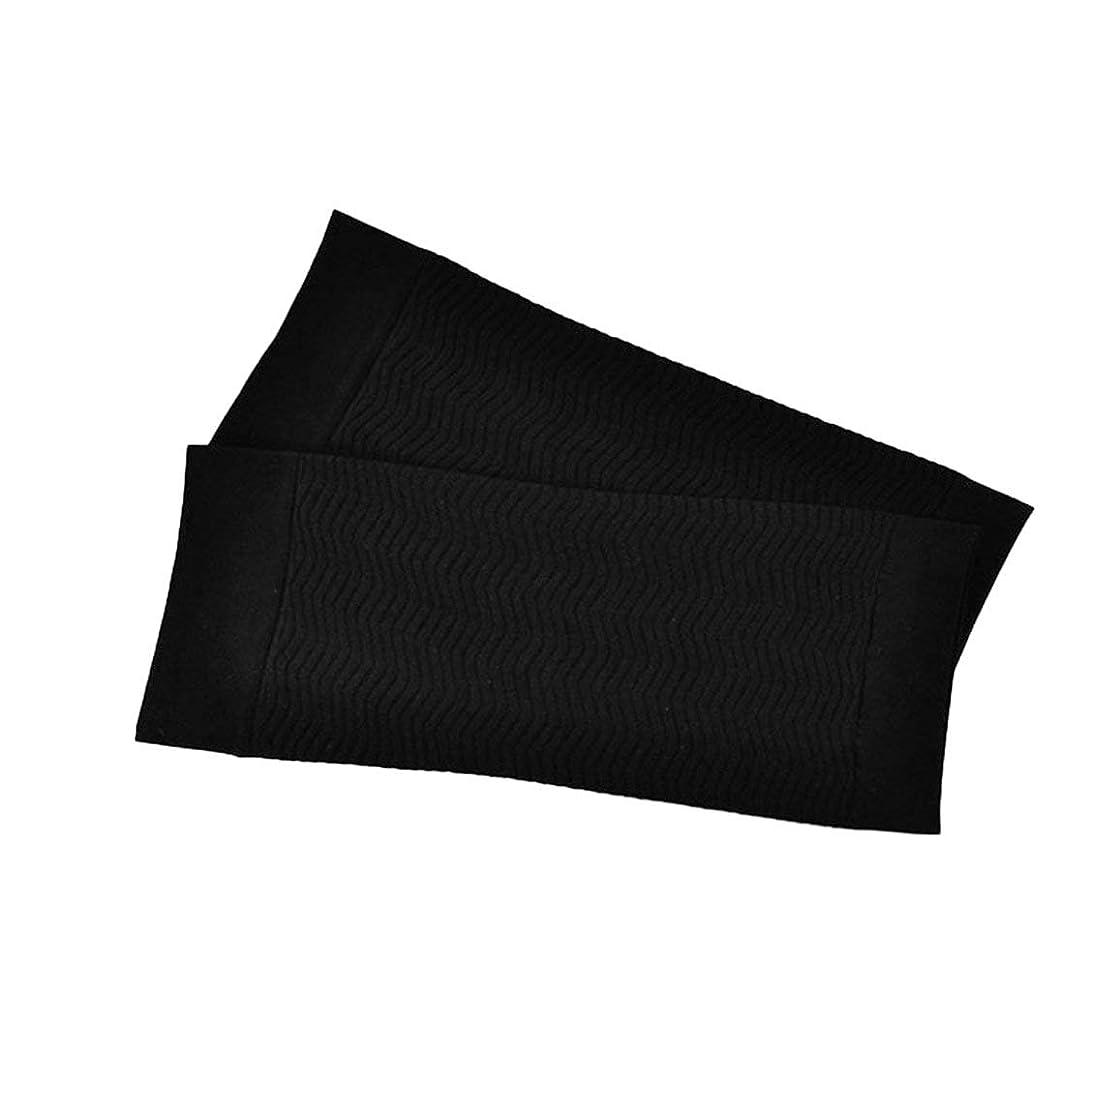 ジレンマ腹部未来1ペア680 D圧縮アームシェイパーワークアウトトーニングバーンセルライトスリミングアームスリーブ脂肪燃焼半袖用女性 - ブラック